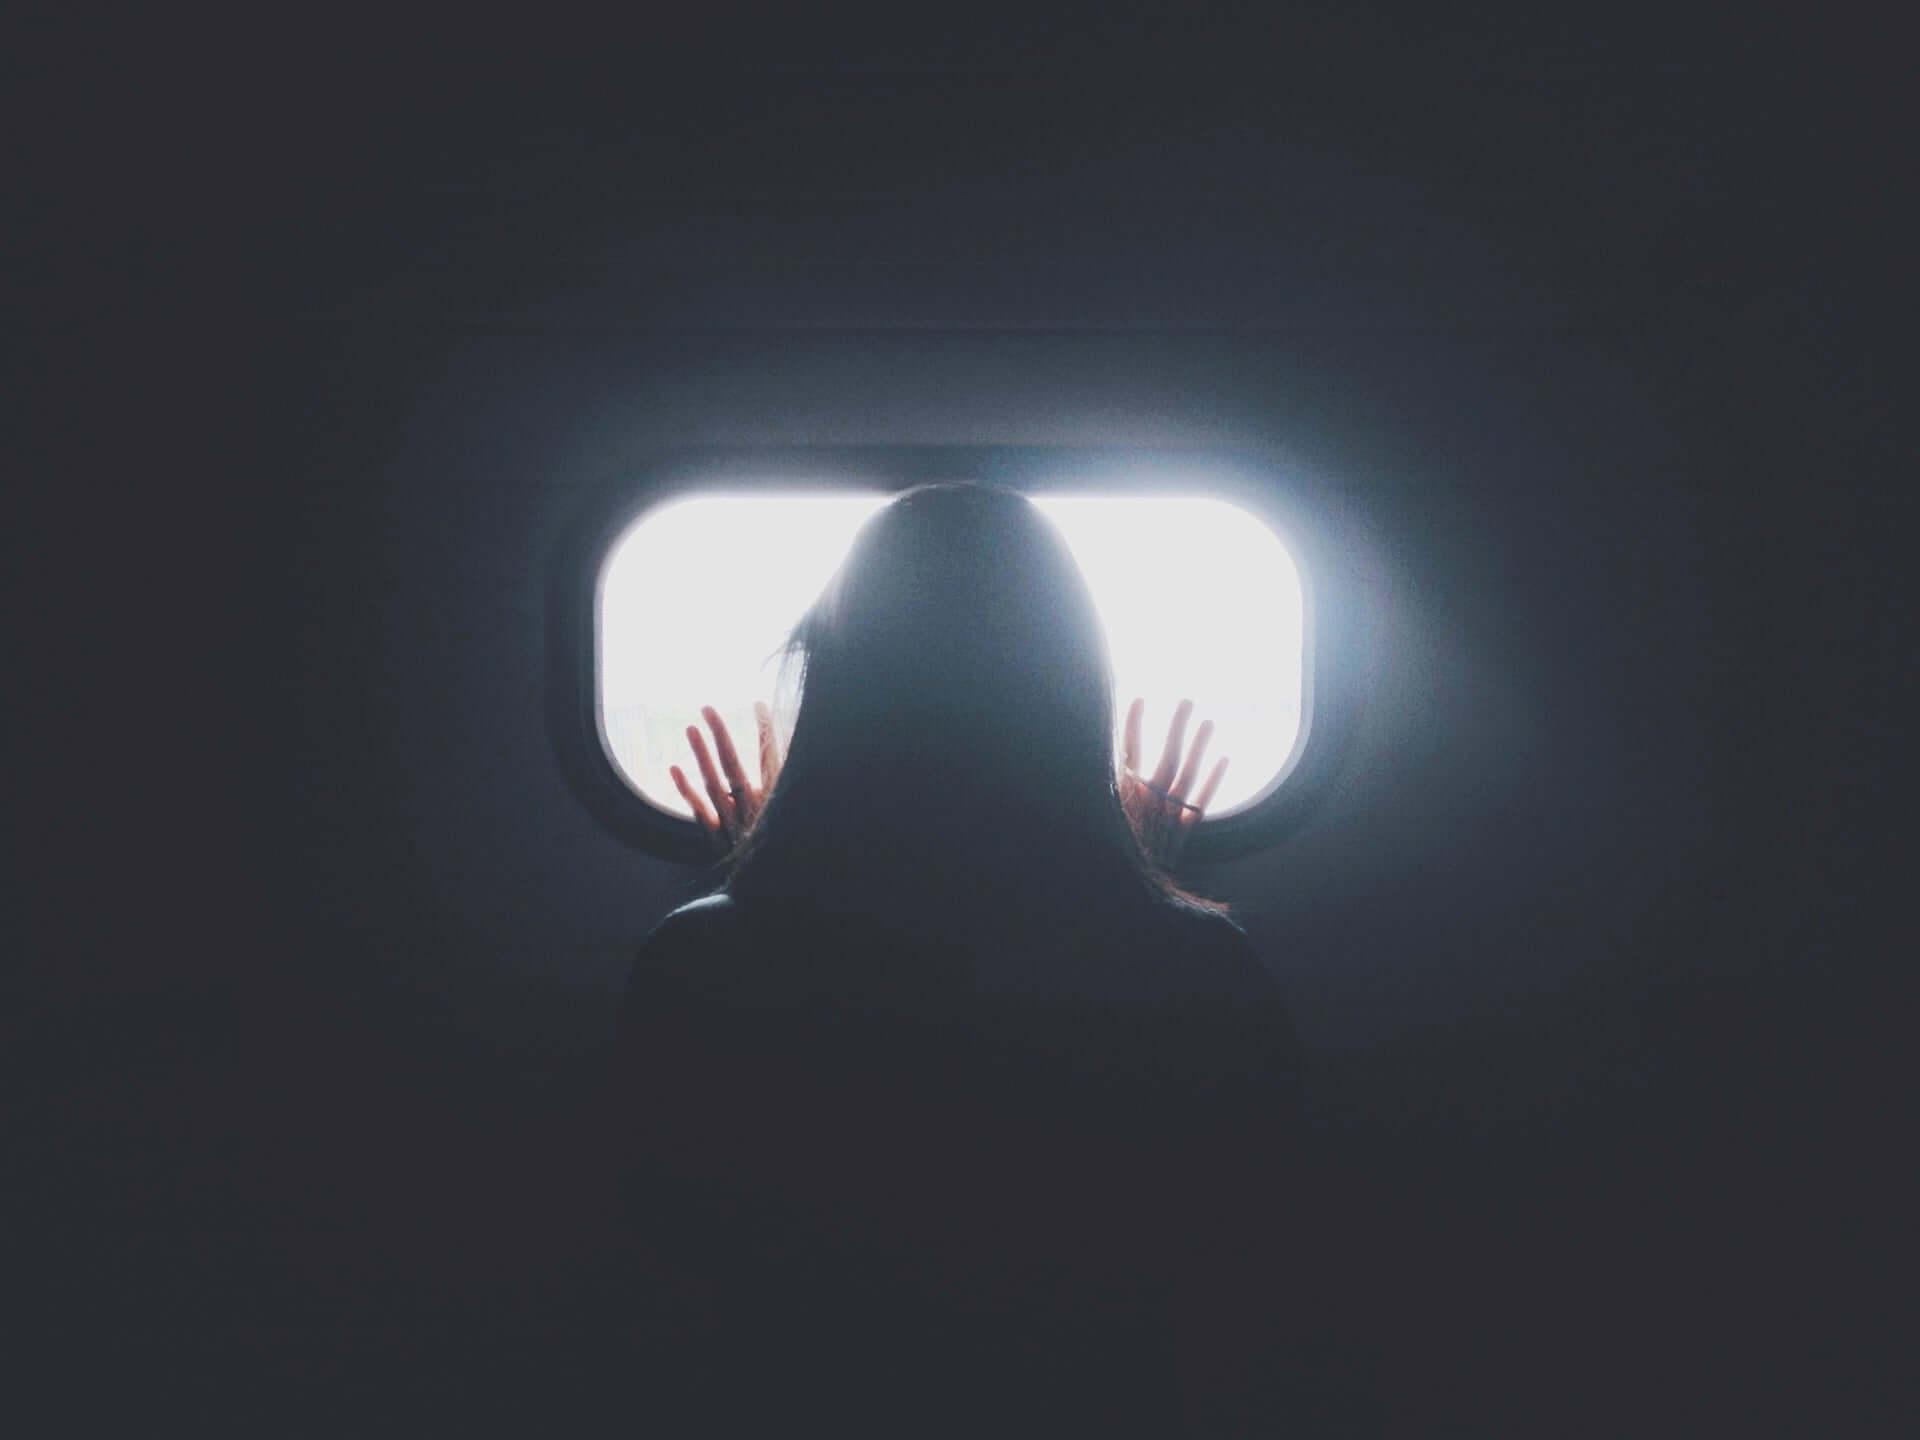 カナダ人女性が誰もいない飛行機に閉じ込められる life190625_airplane_alone_main-1920x1440